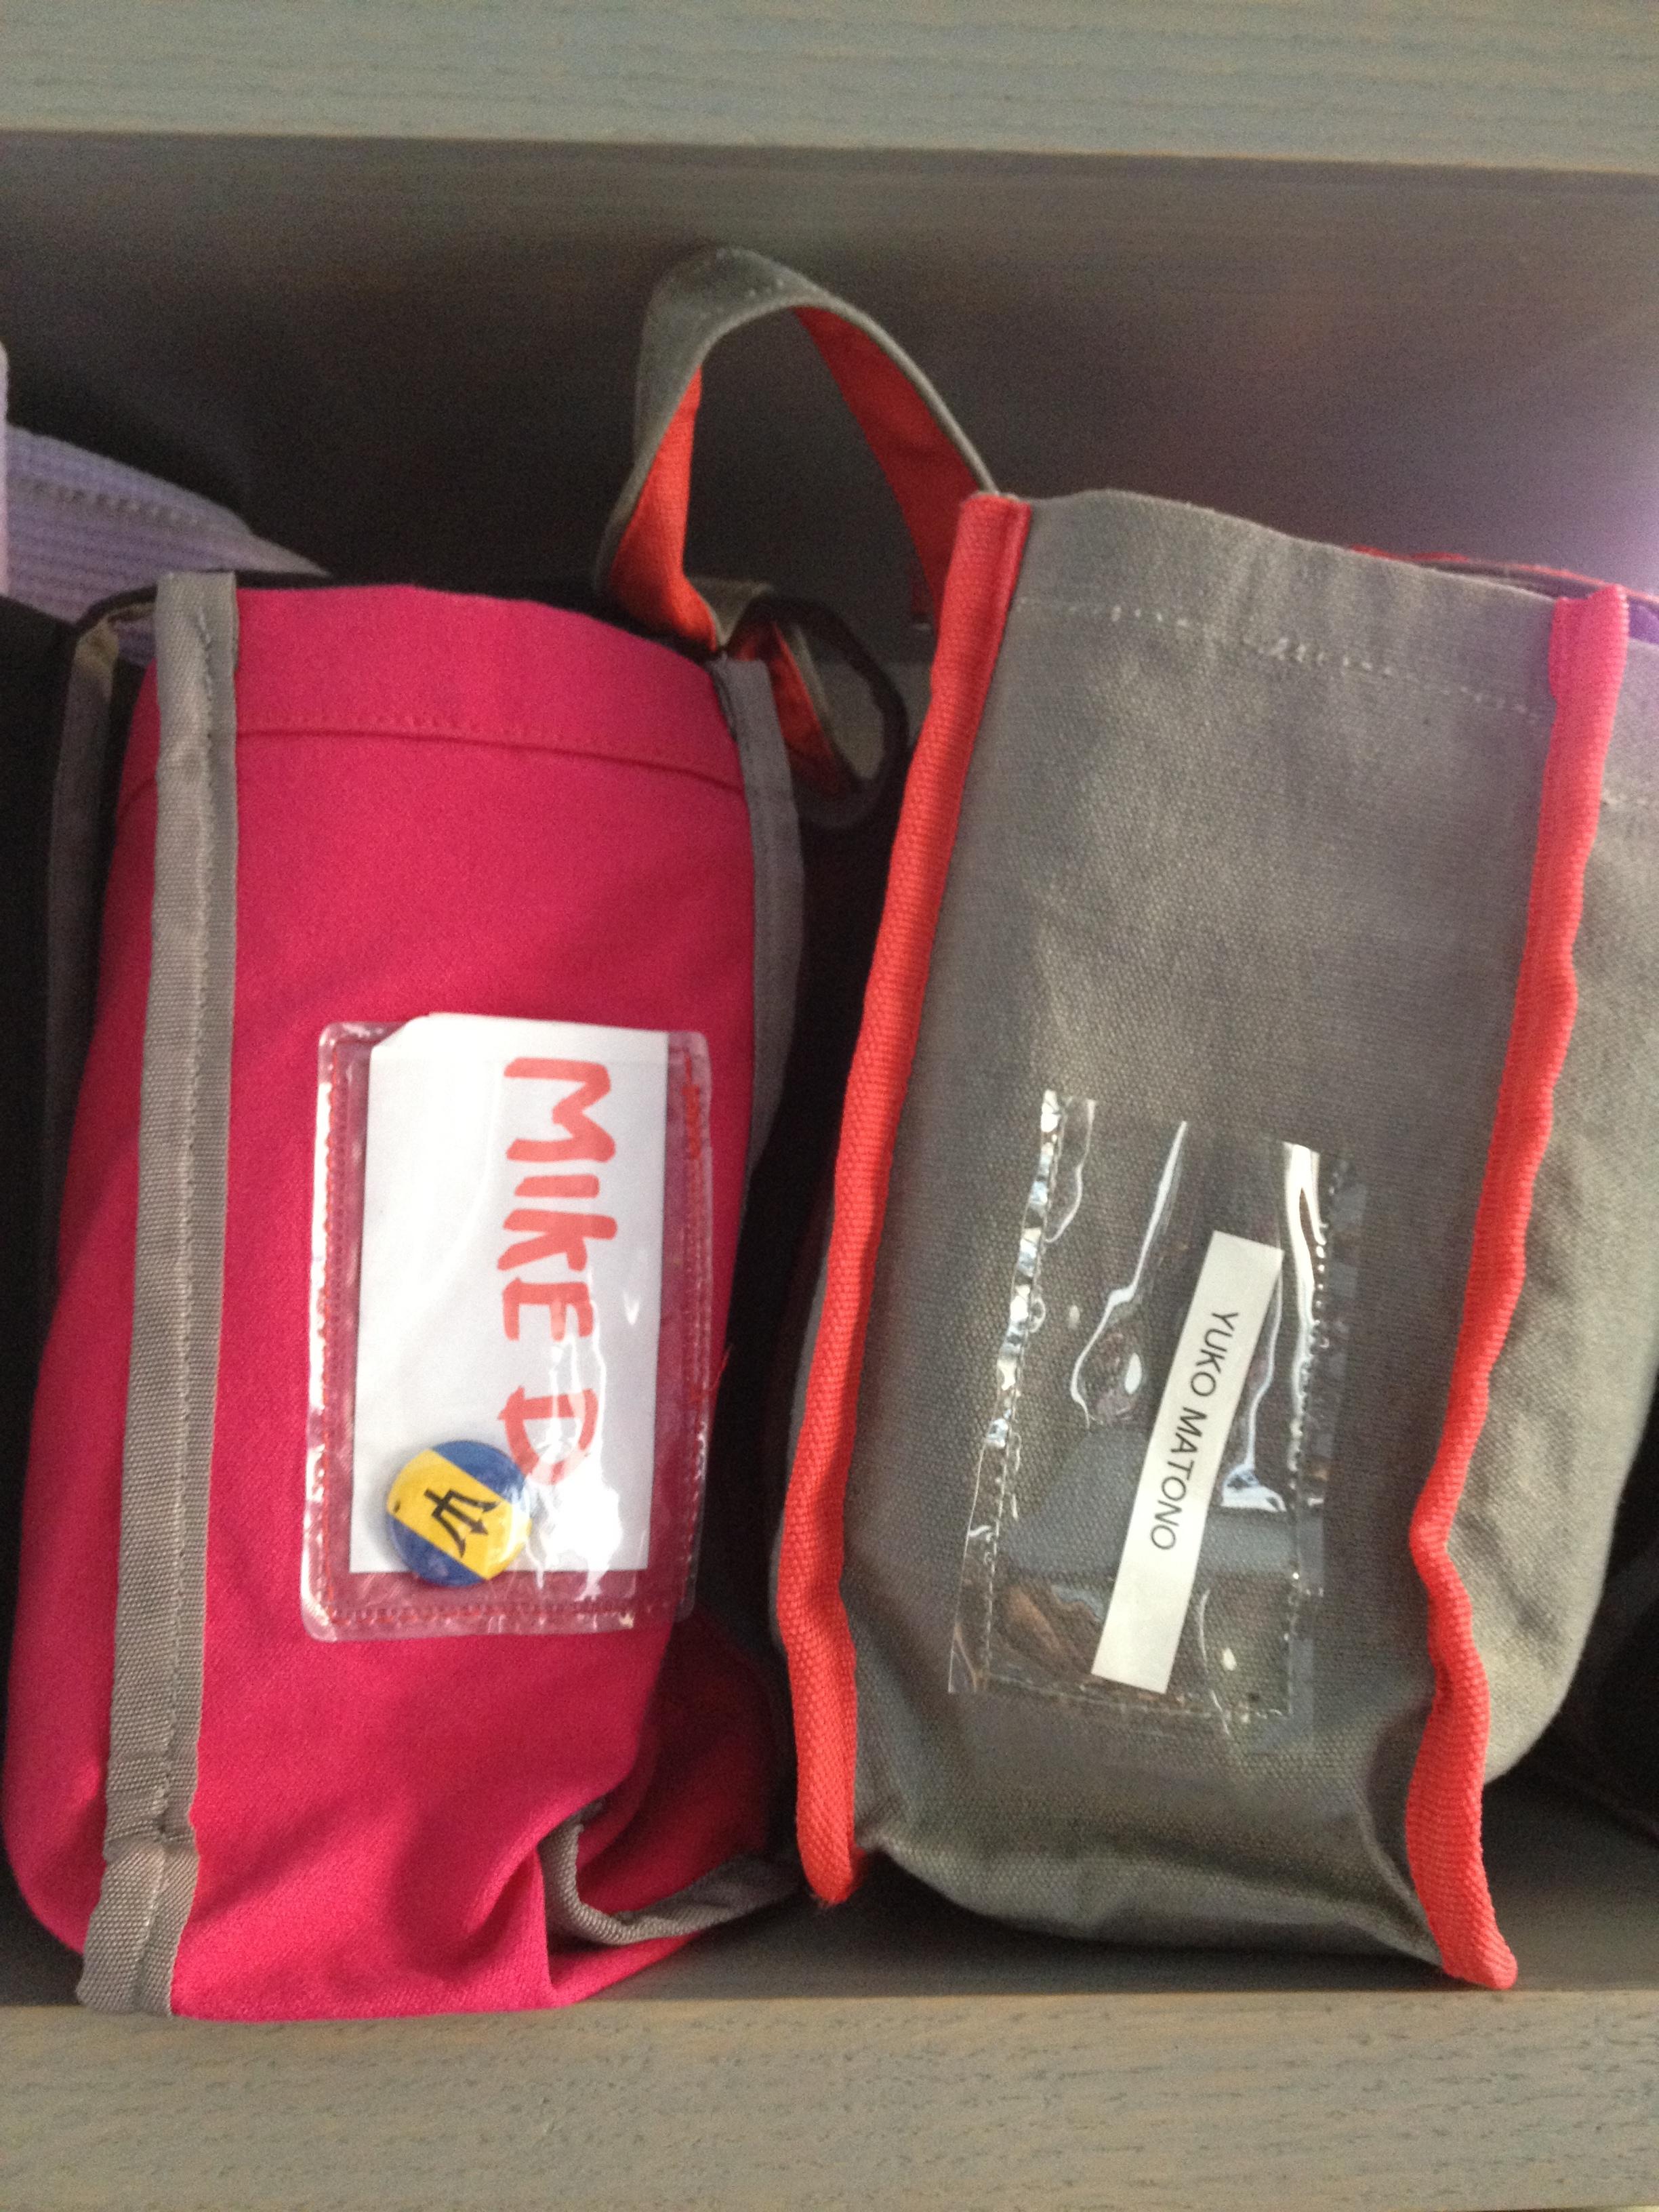 ビースティーボーイズのMike Dもエディの生徒。マットバッグが隣なのがうれしくて激写。